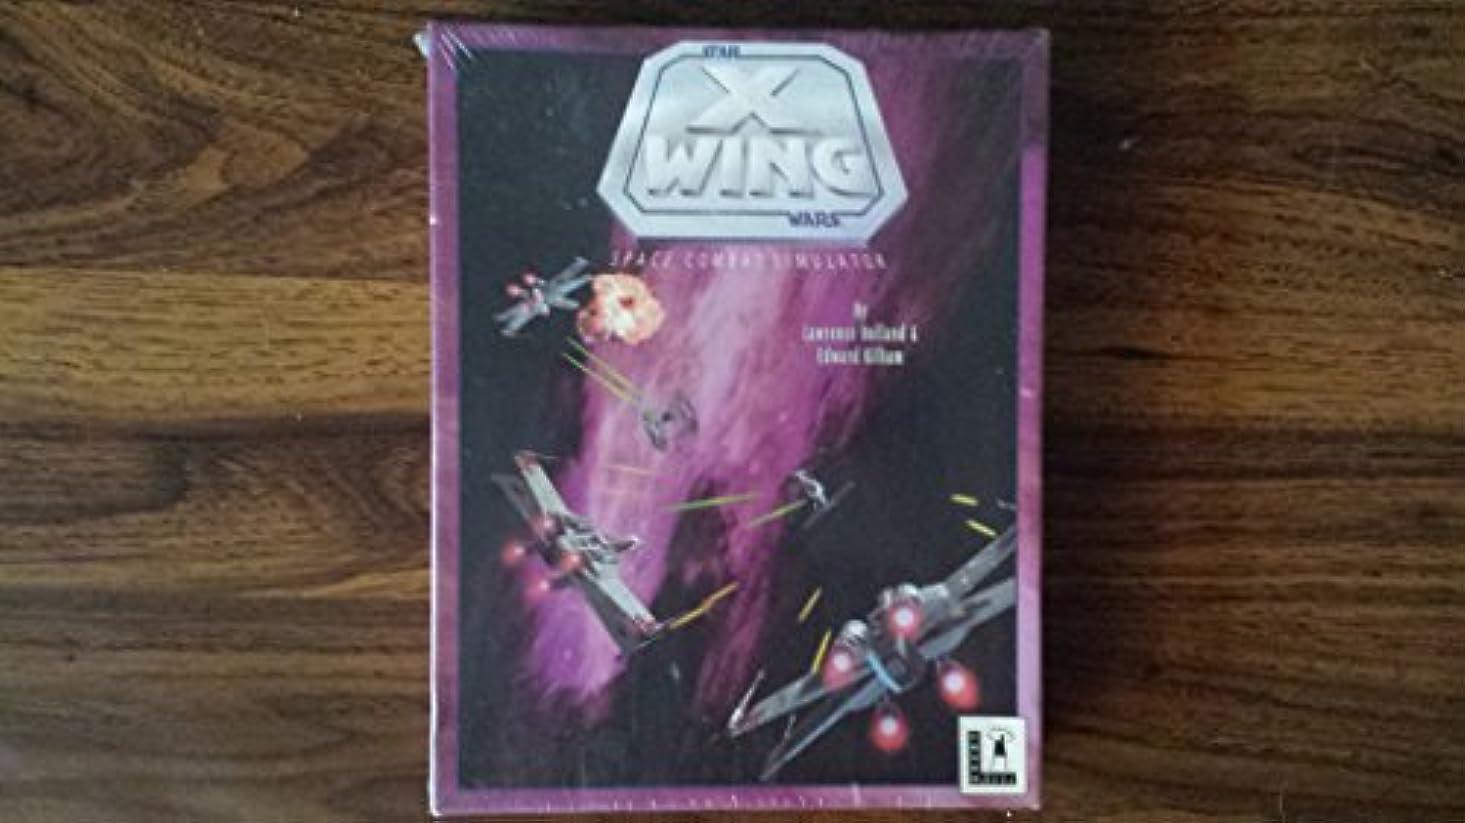 オッズつば動脈Star X-Wing Wars Tour of Duty B-Wing (輸入版)